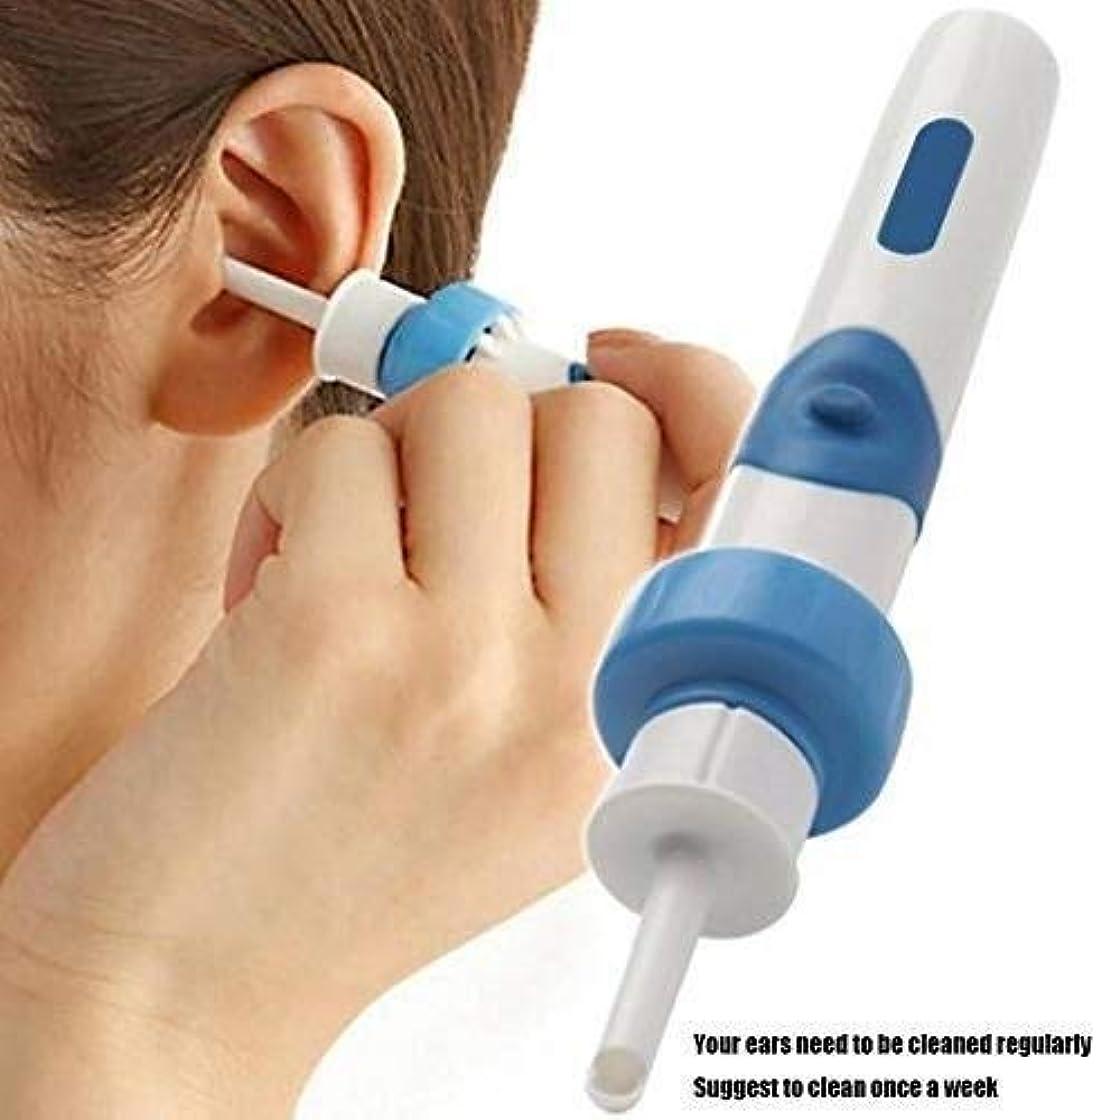 傷つきやすい騒ぎ提案耳のワックスリムーバー、安全で柔らかい耳のワックスリムーバー、耳垢の削除ツール、安全&ソフトスパイラル耳クリーナー、耳垢の除去ツールセット、飲料プロフェッショナルパッケージ思慮深いギフトセット